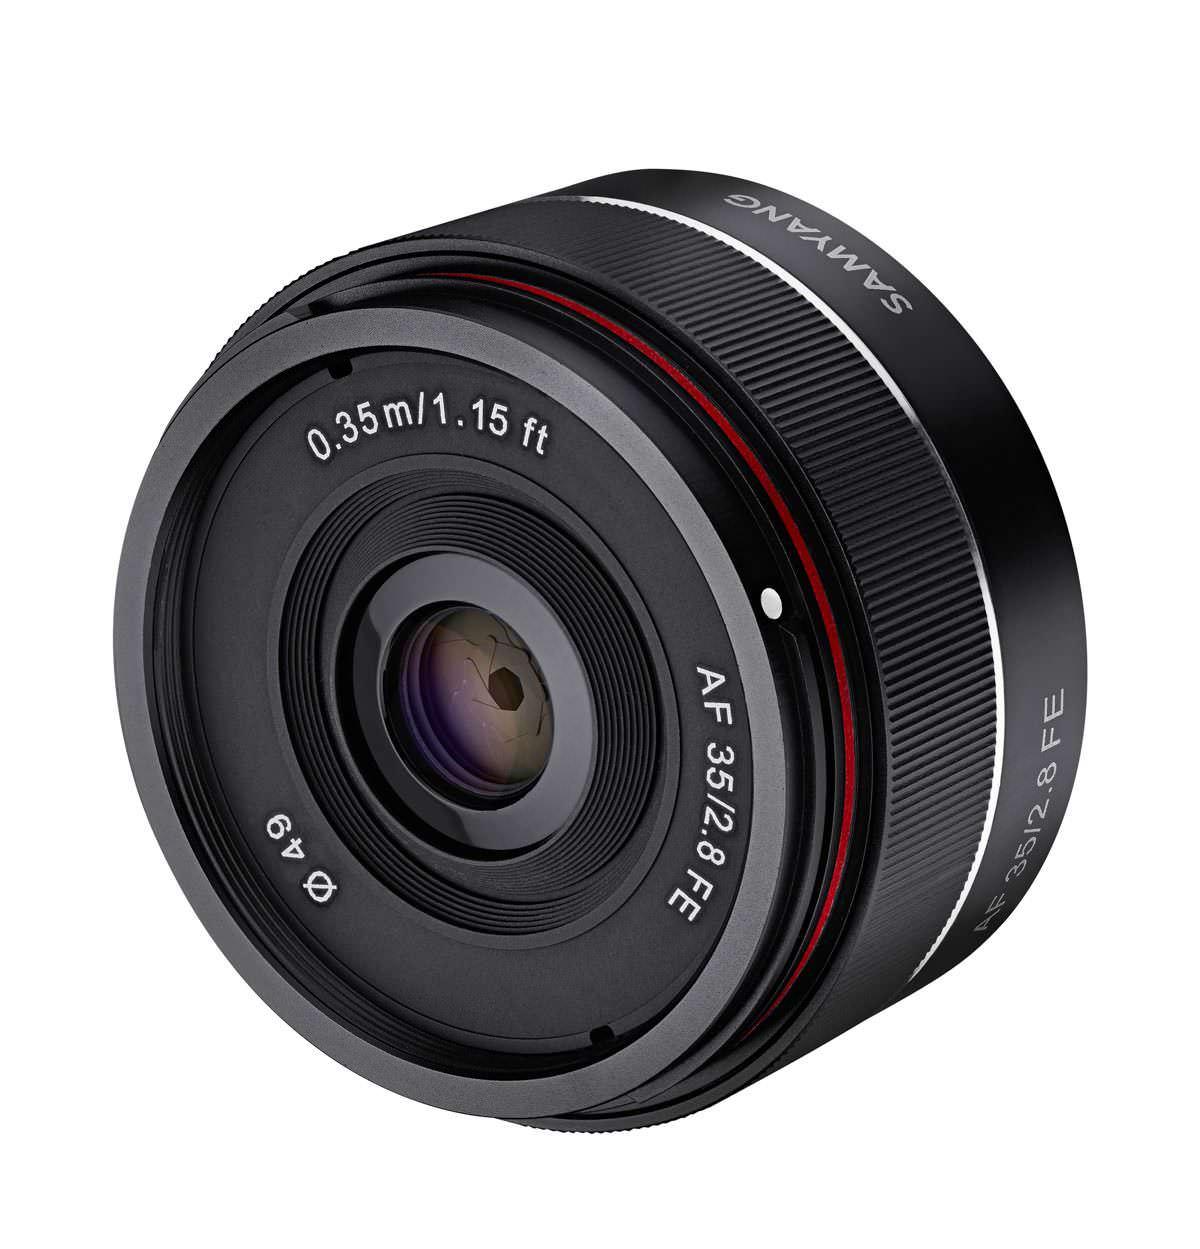 3 35mm lens